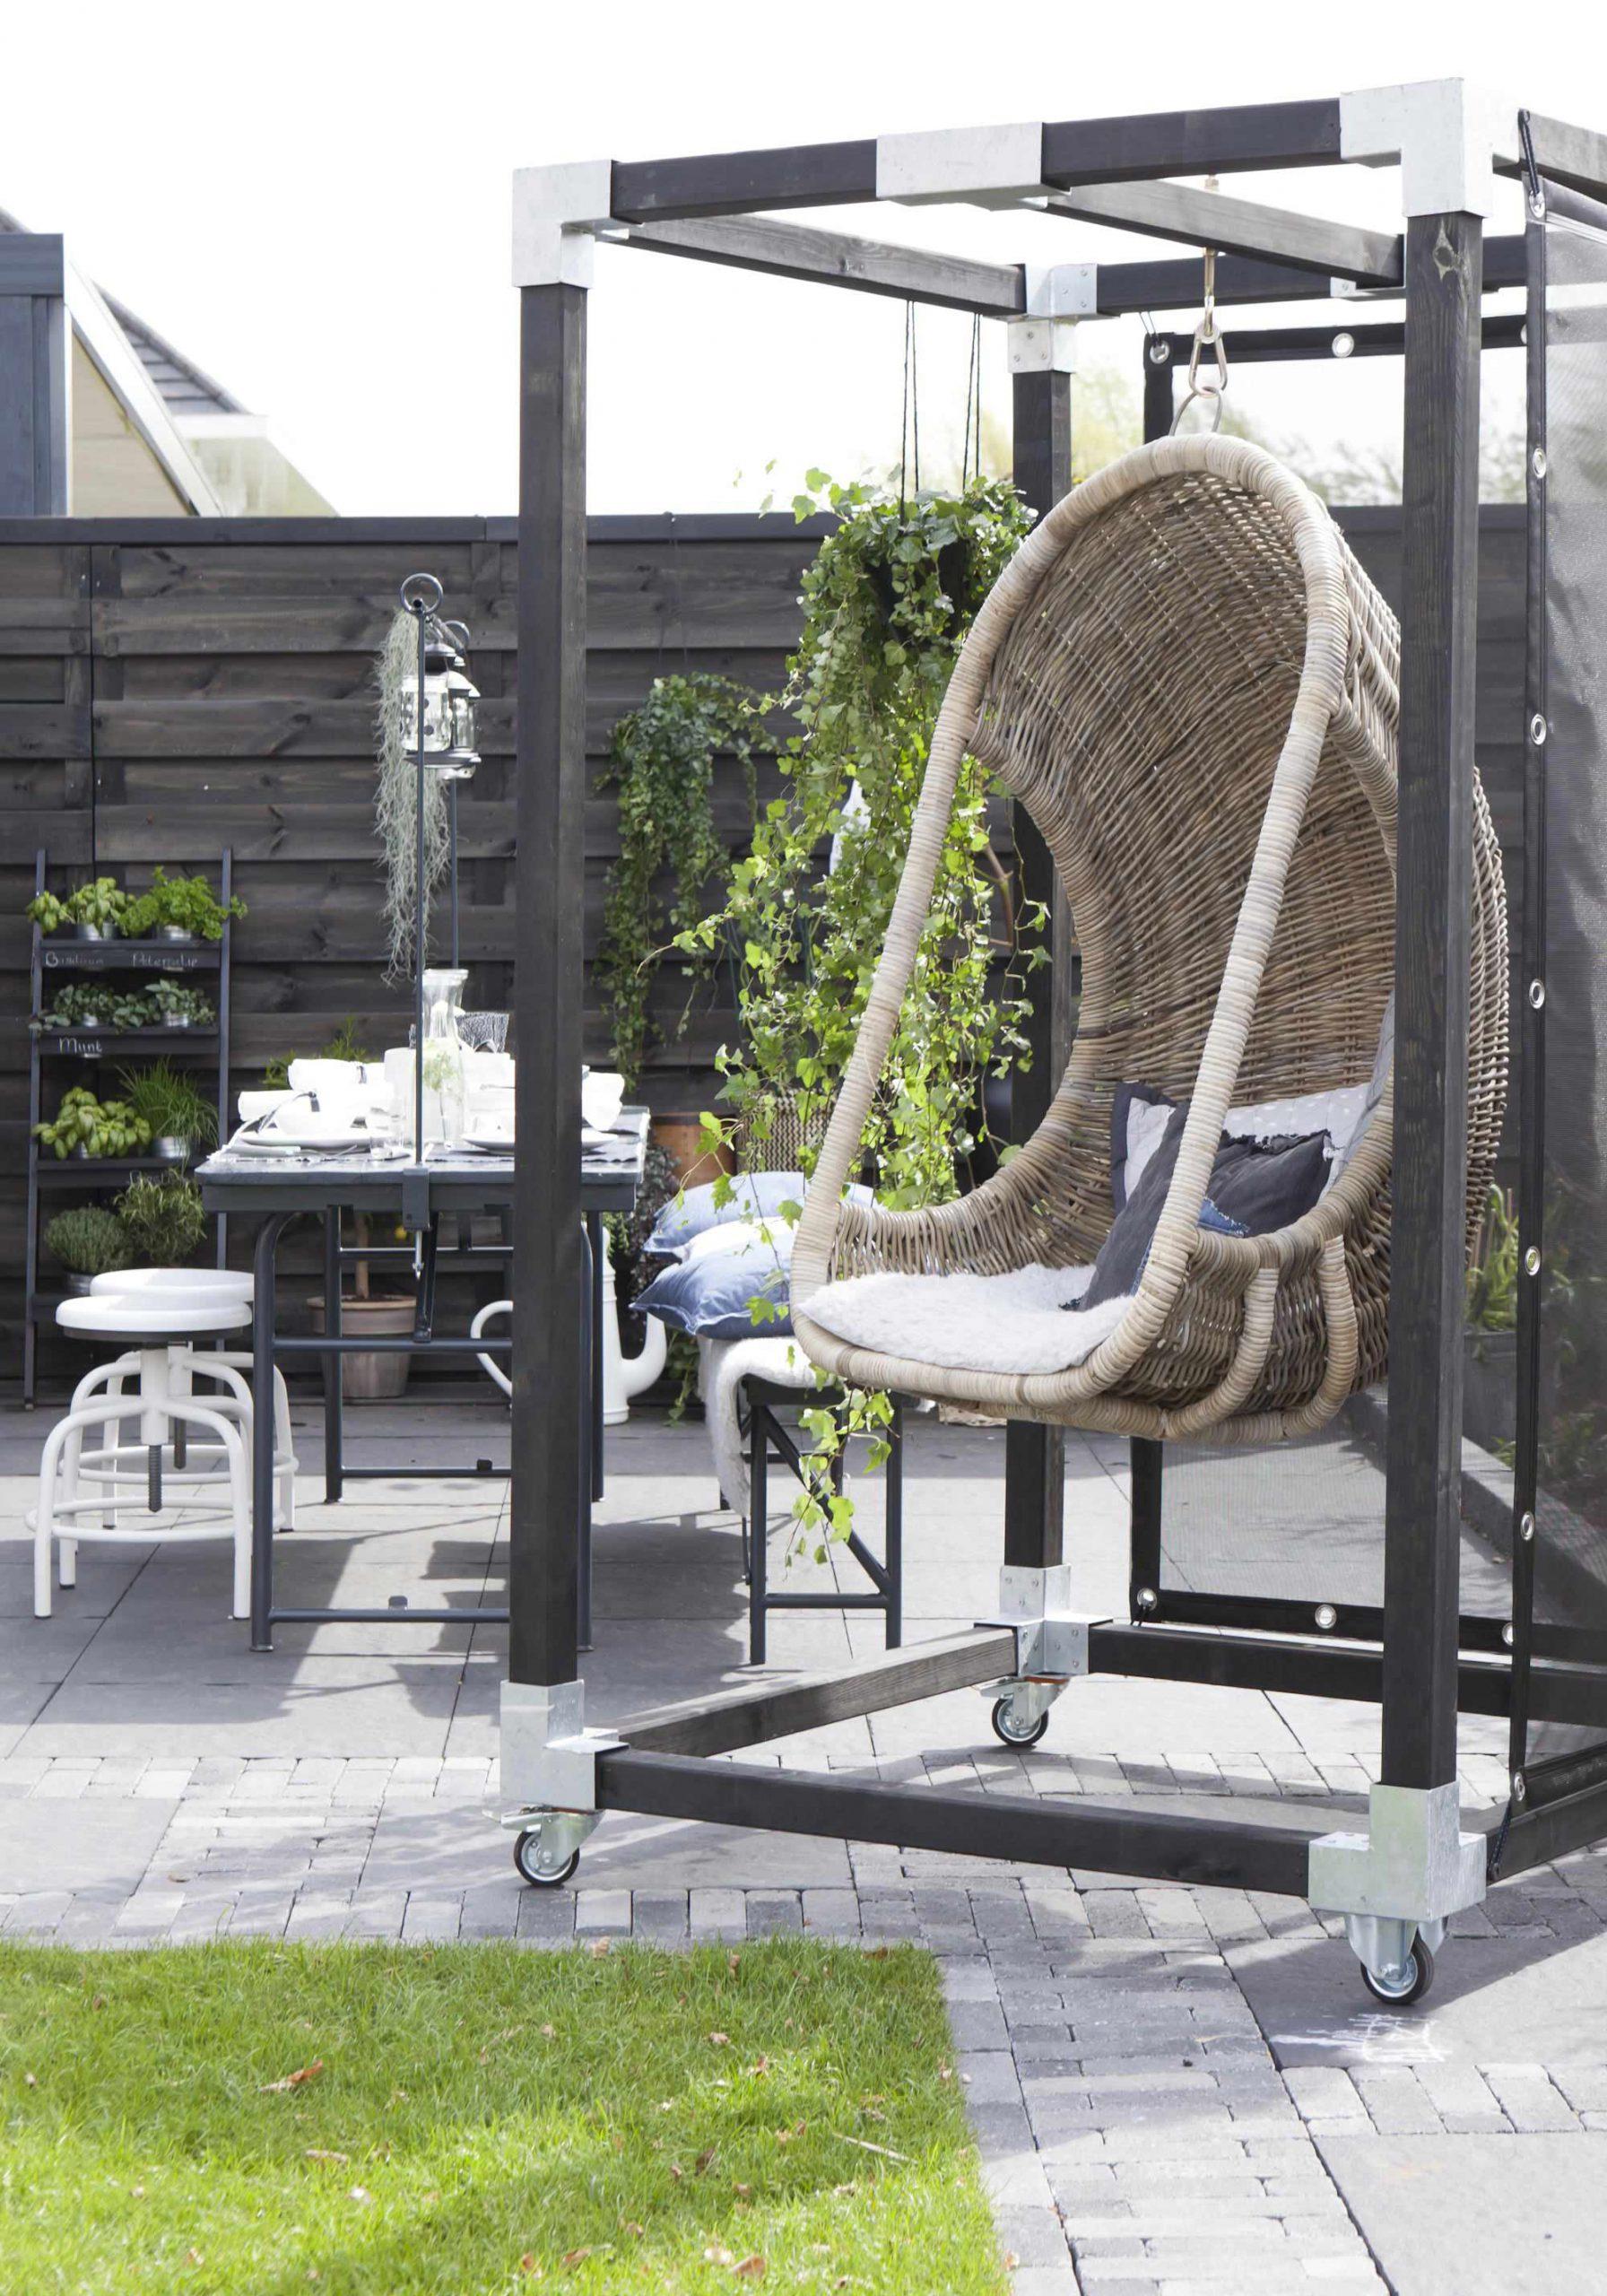 Industriele-tuin-tuininspiratie-zwarte-tuin-stoere-tuin-industrieel-interieur-moderne-tuin-botanische-tuin-loungen-relaxen-tuin-overkapping